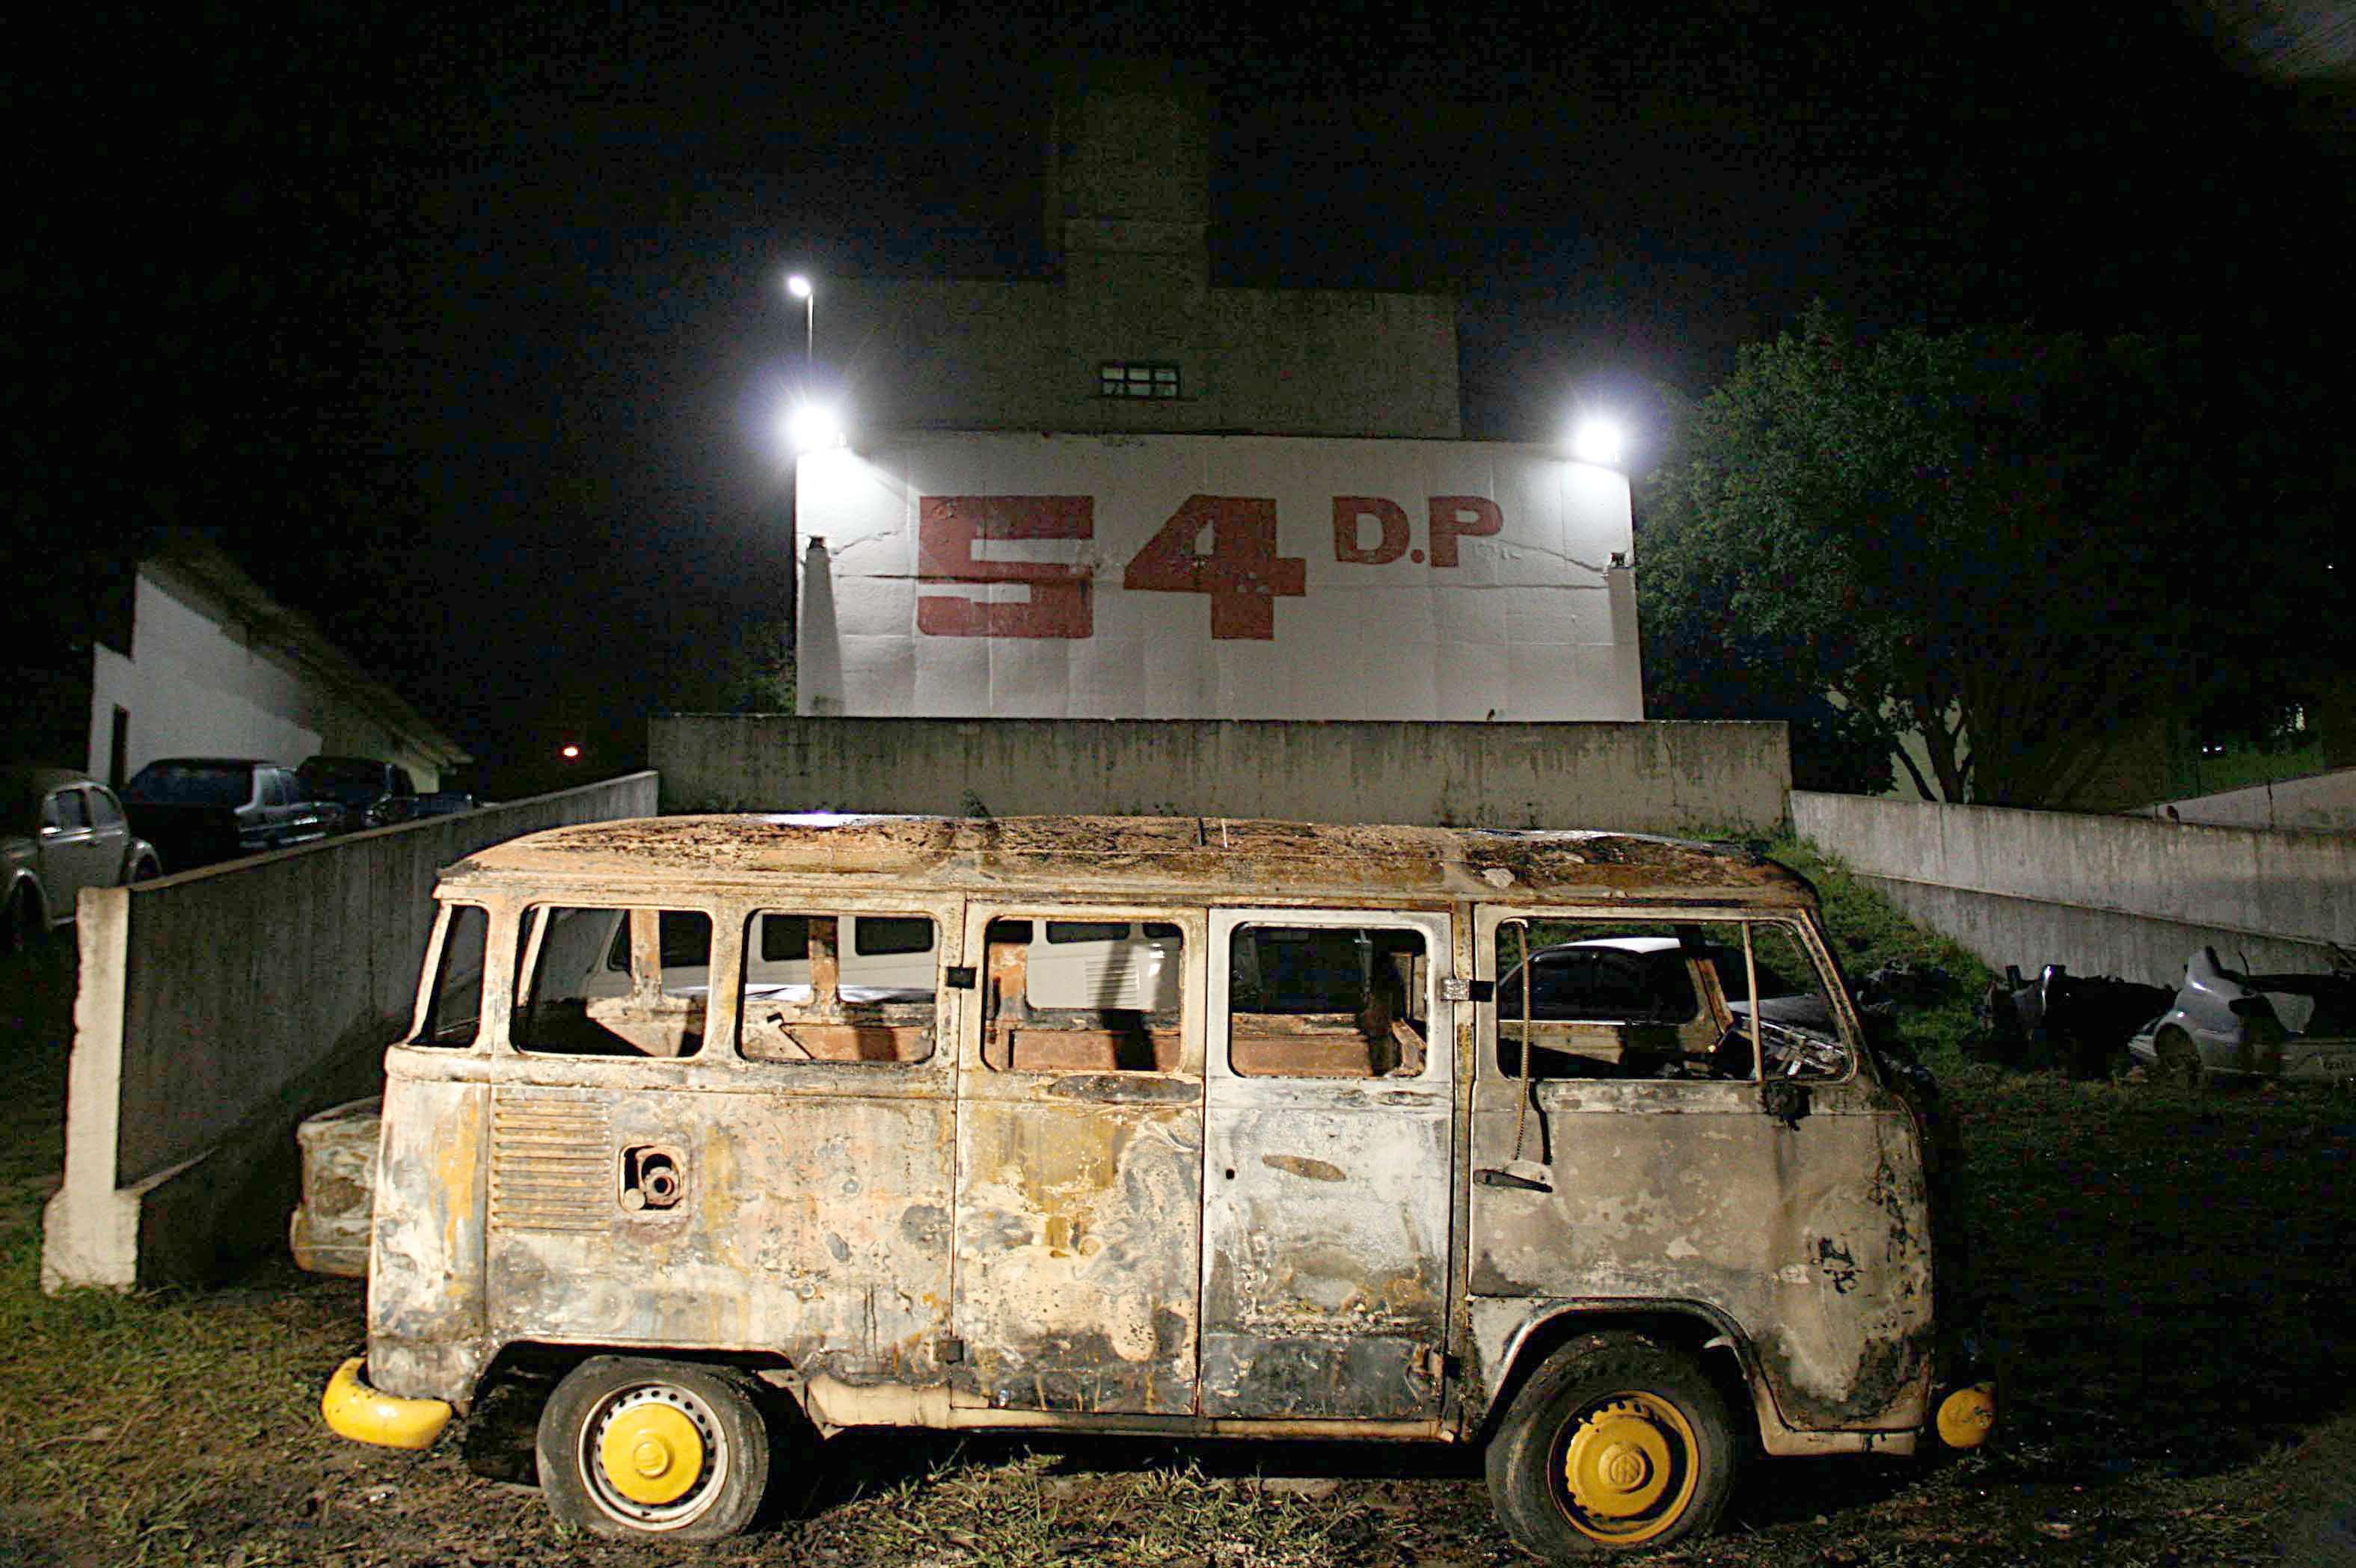 Veículos foram incendiados em uma delegacia na zona leste de São Paulo Foto: Edison Temoteo/Futura Press